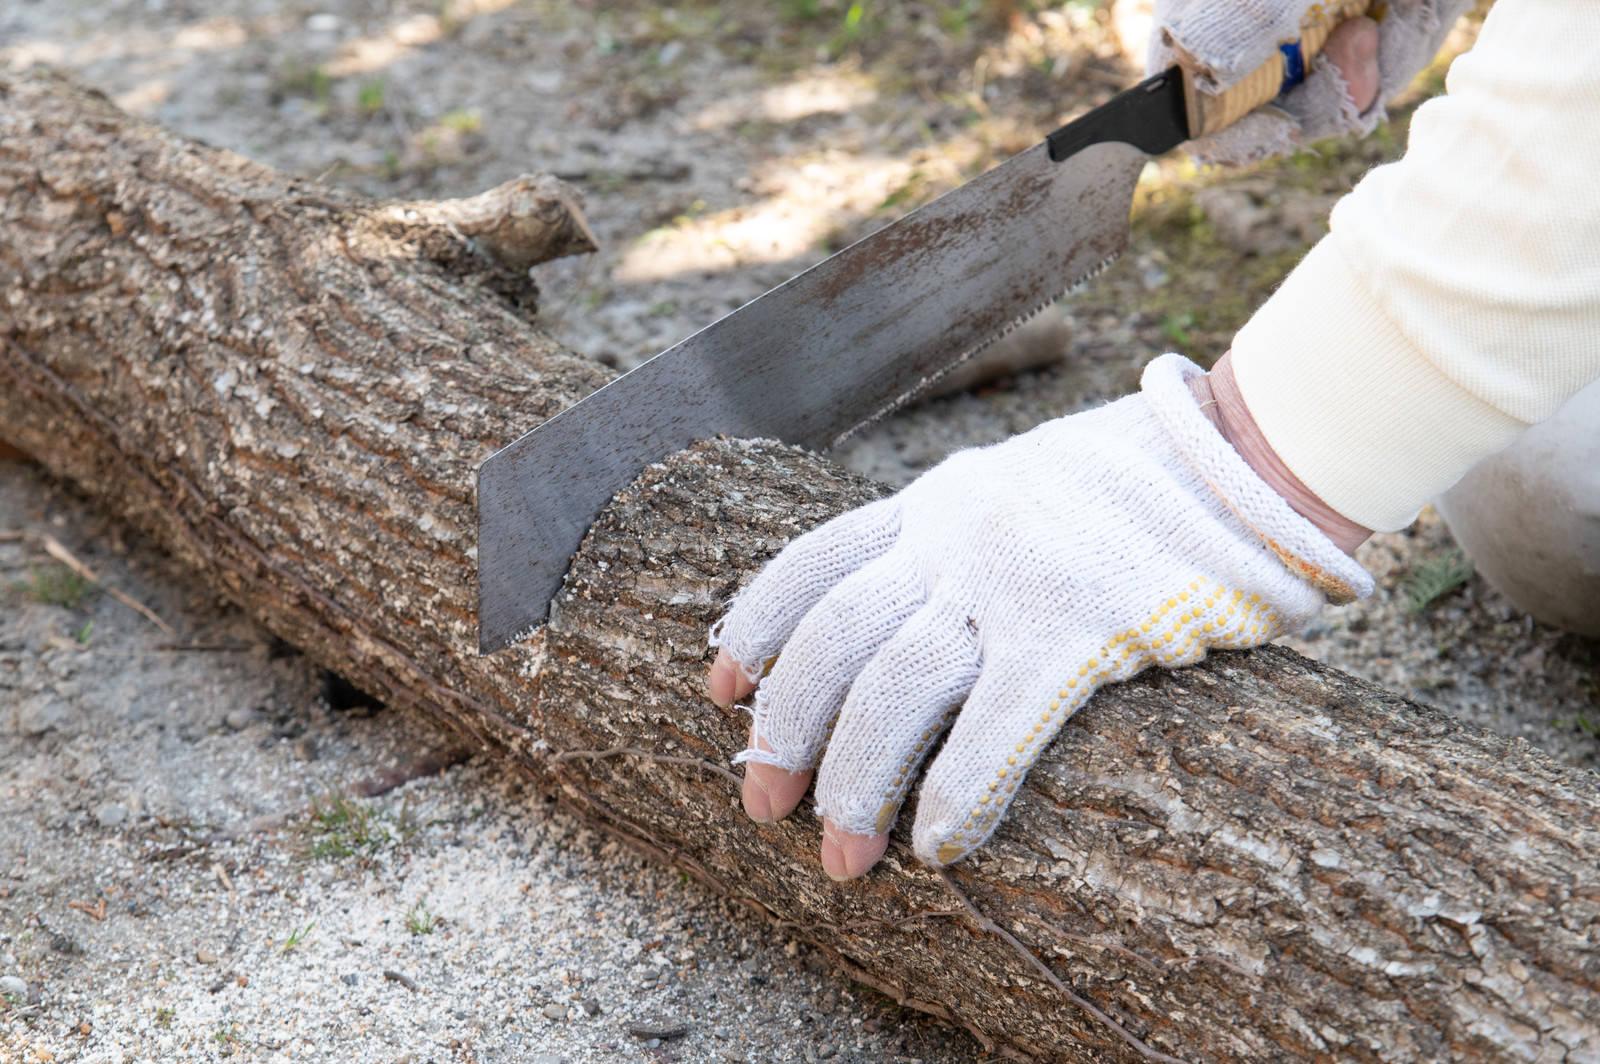 「しいたけの原木をのこぎりで切る」の写真